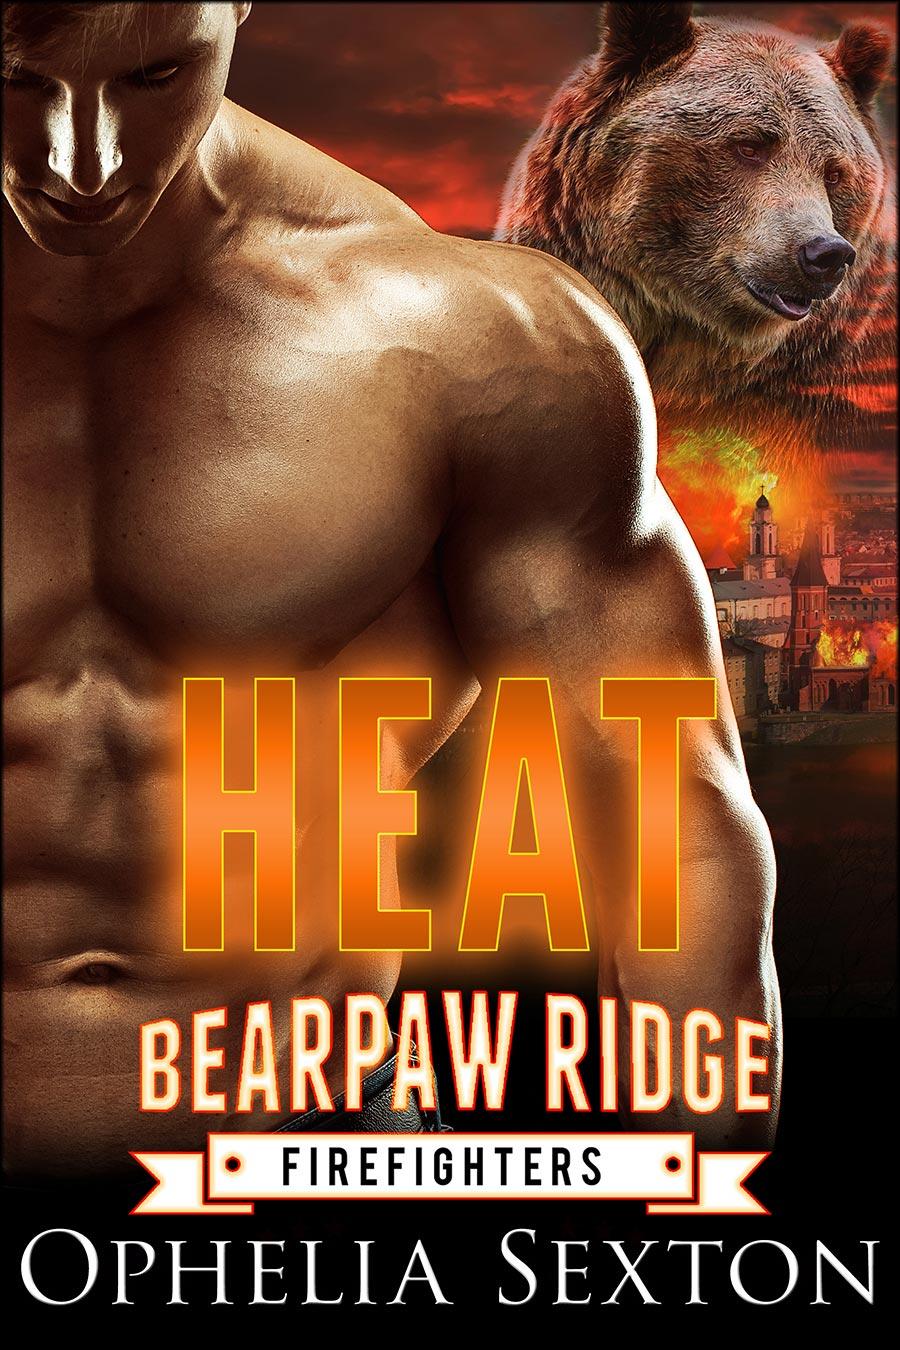 Heat---Bearpaw-Ridge-Firefighters.jpg